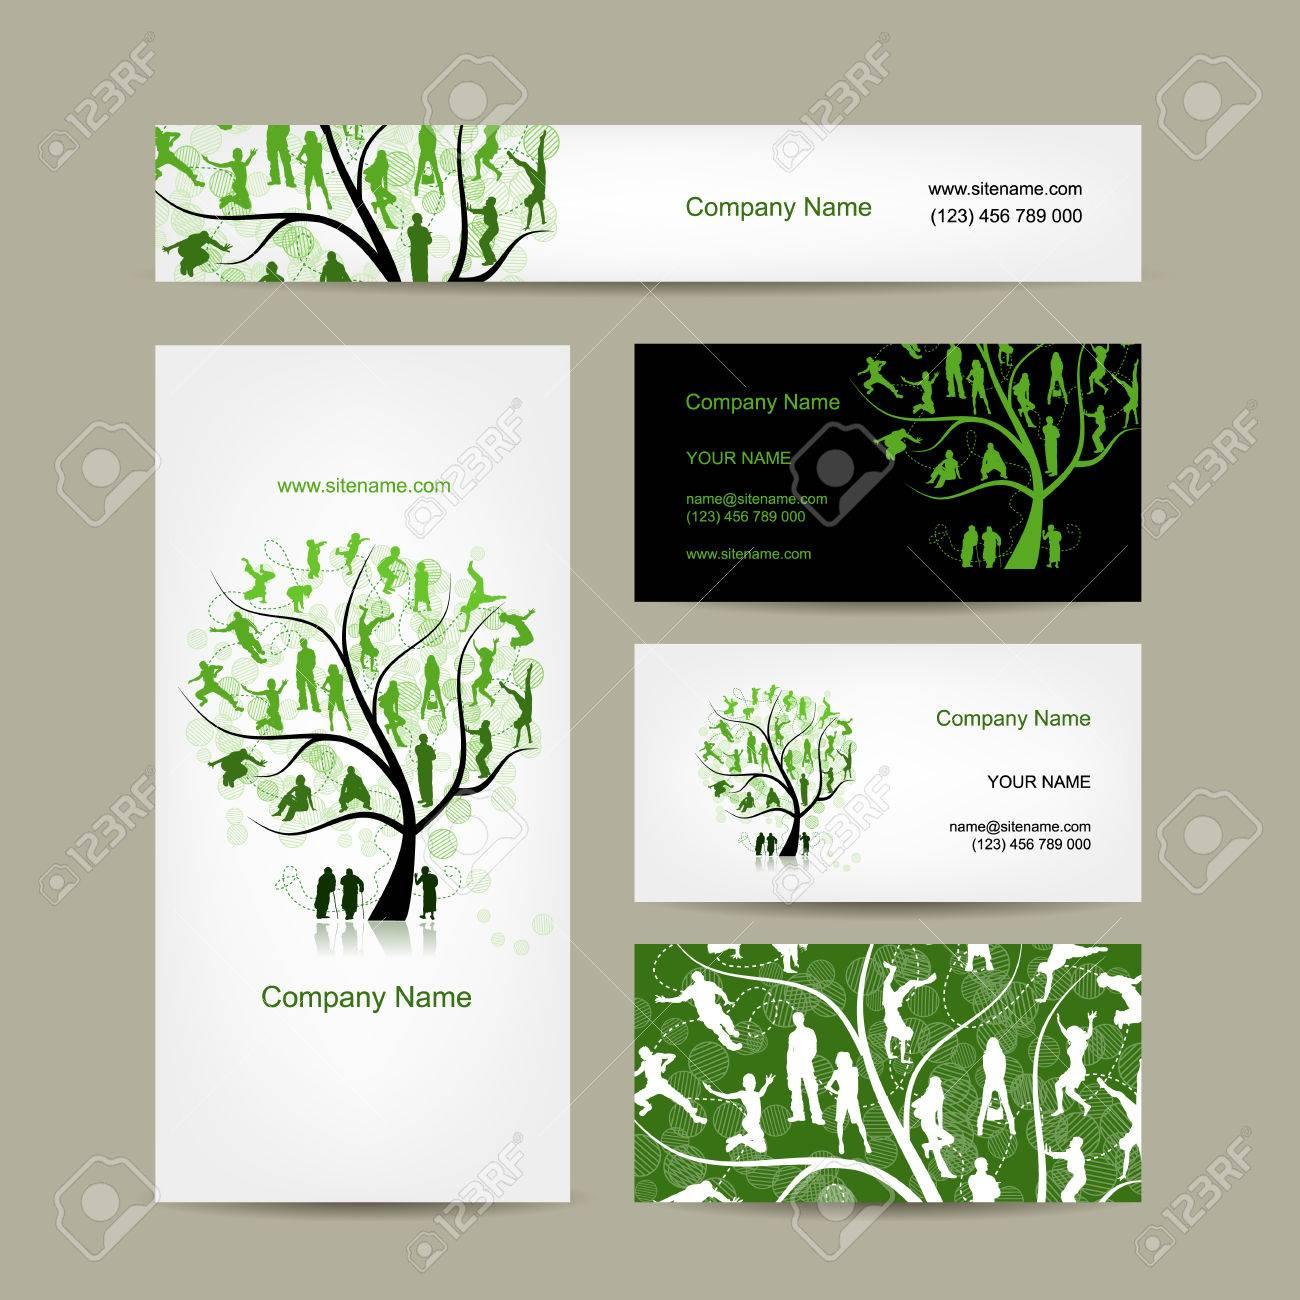 Cartes De Visite Conception Arbre Gnalogique Vector Illustration Banque Dimages